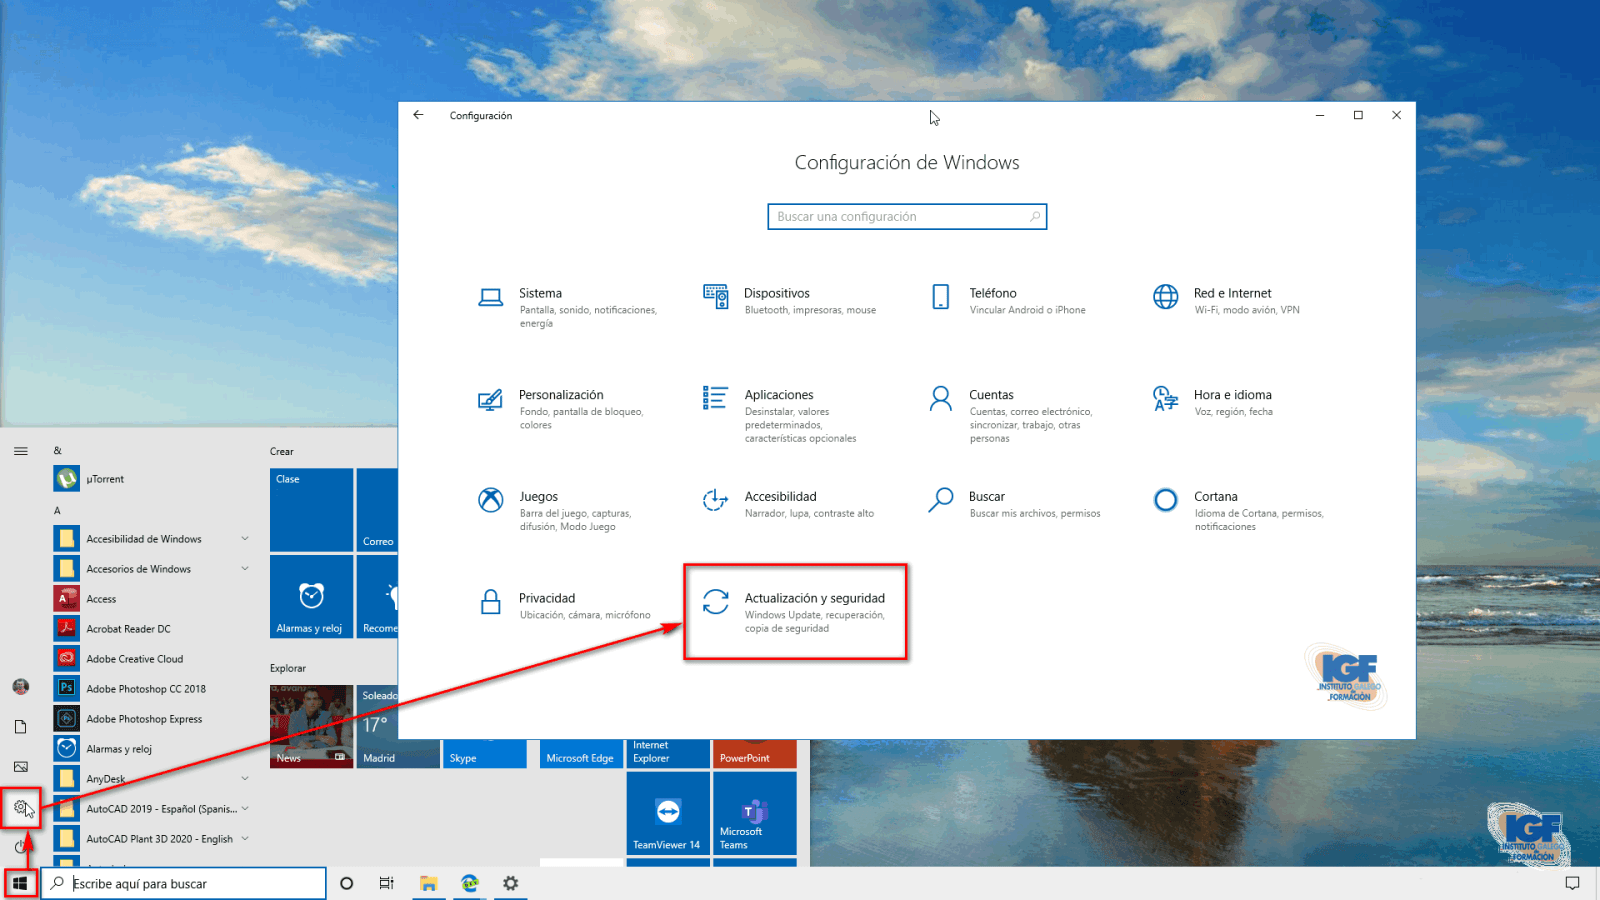 Configurar las actualizaciones de Windows 10 Actualización y seguridad - igf.es